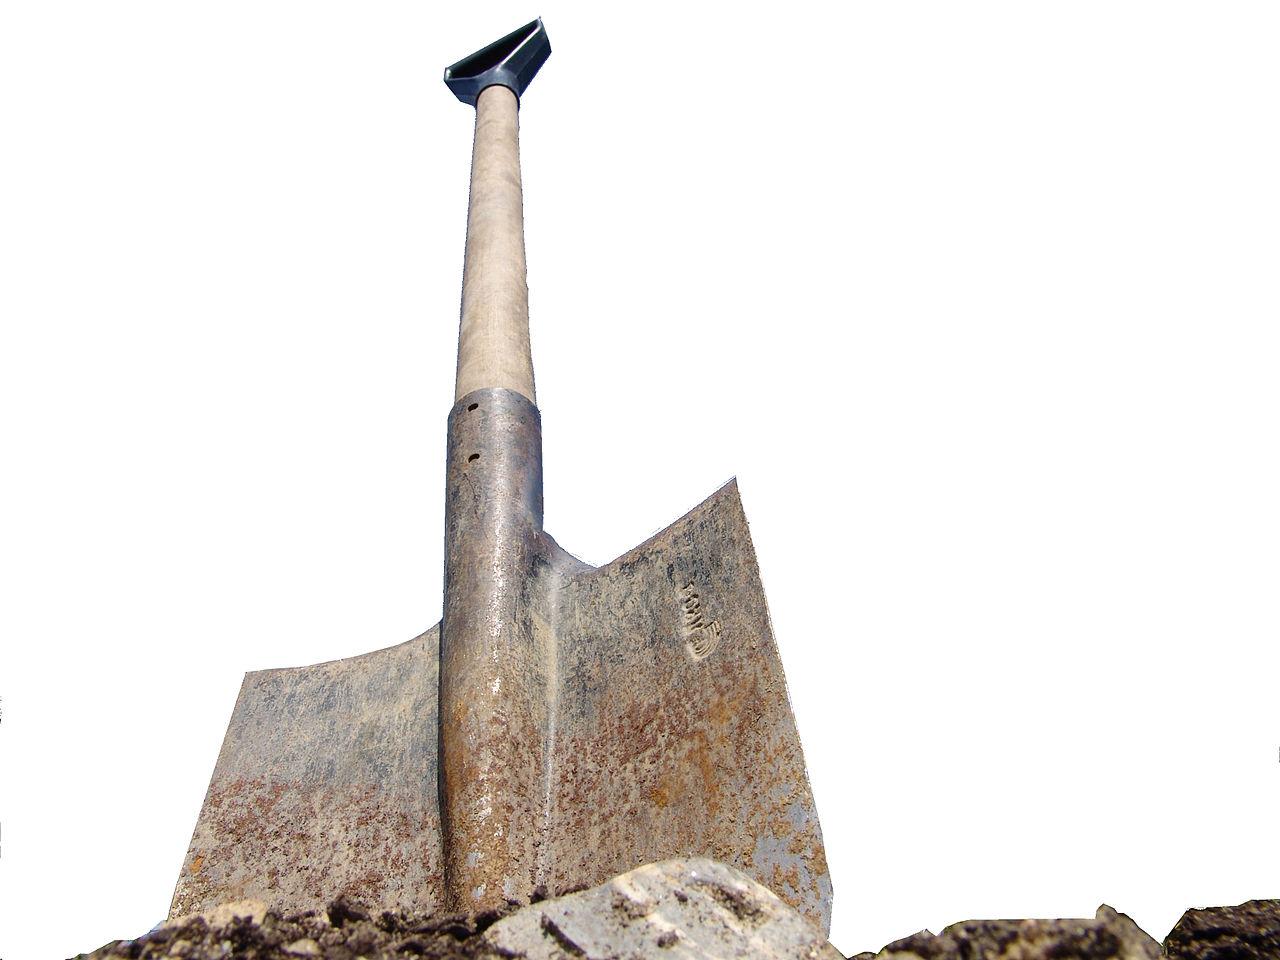 Folge des Baubooms: Bürgermeister können sich keine Spatenstichspaten mehr leisten.